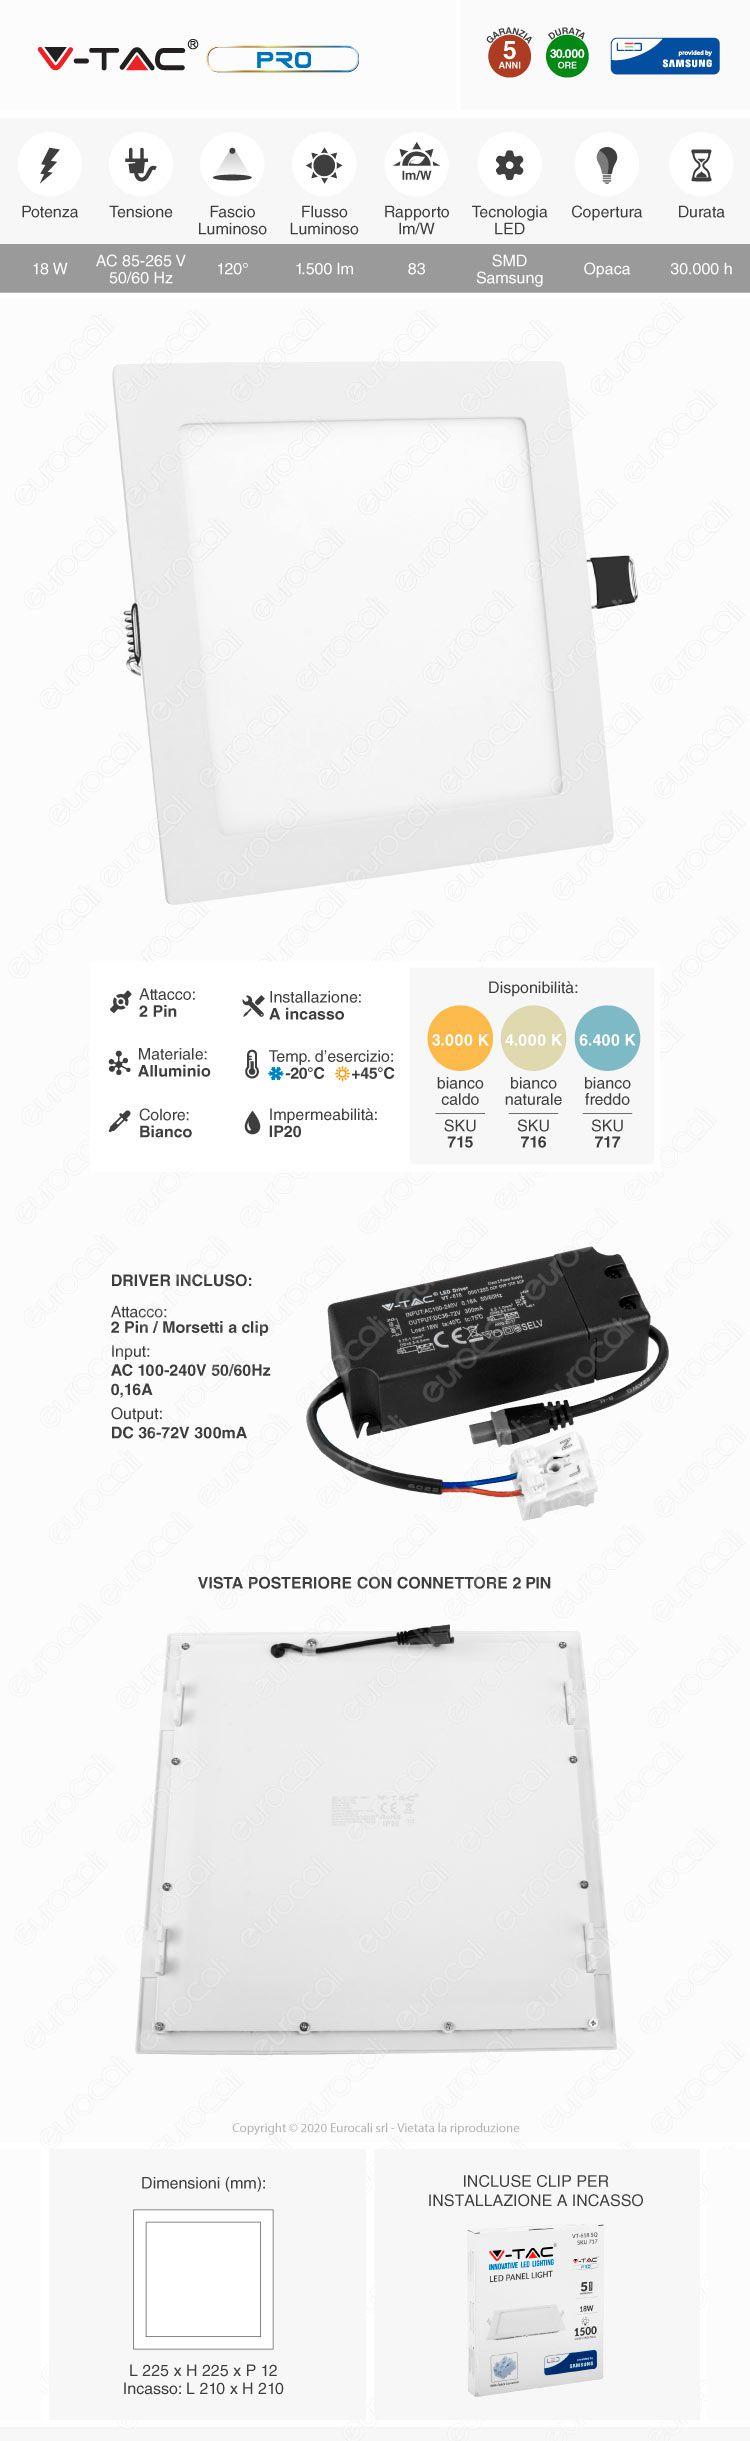 V-Tac PRO VT-618 SQ Pannello LED Quadrato 18W SMD da Incasso con Driver con Chip Samsung